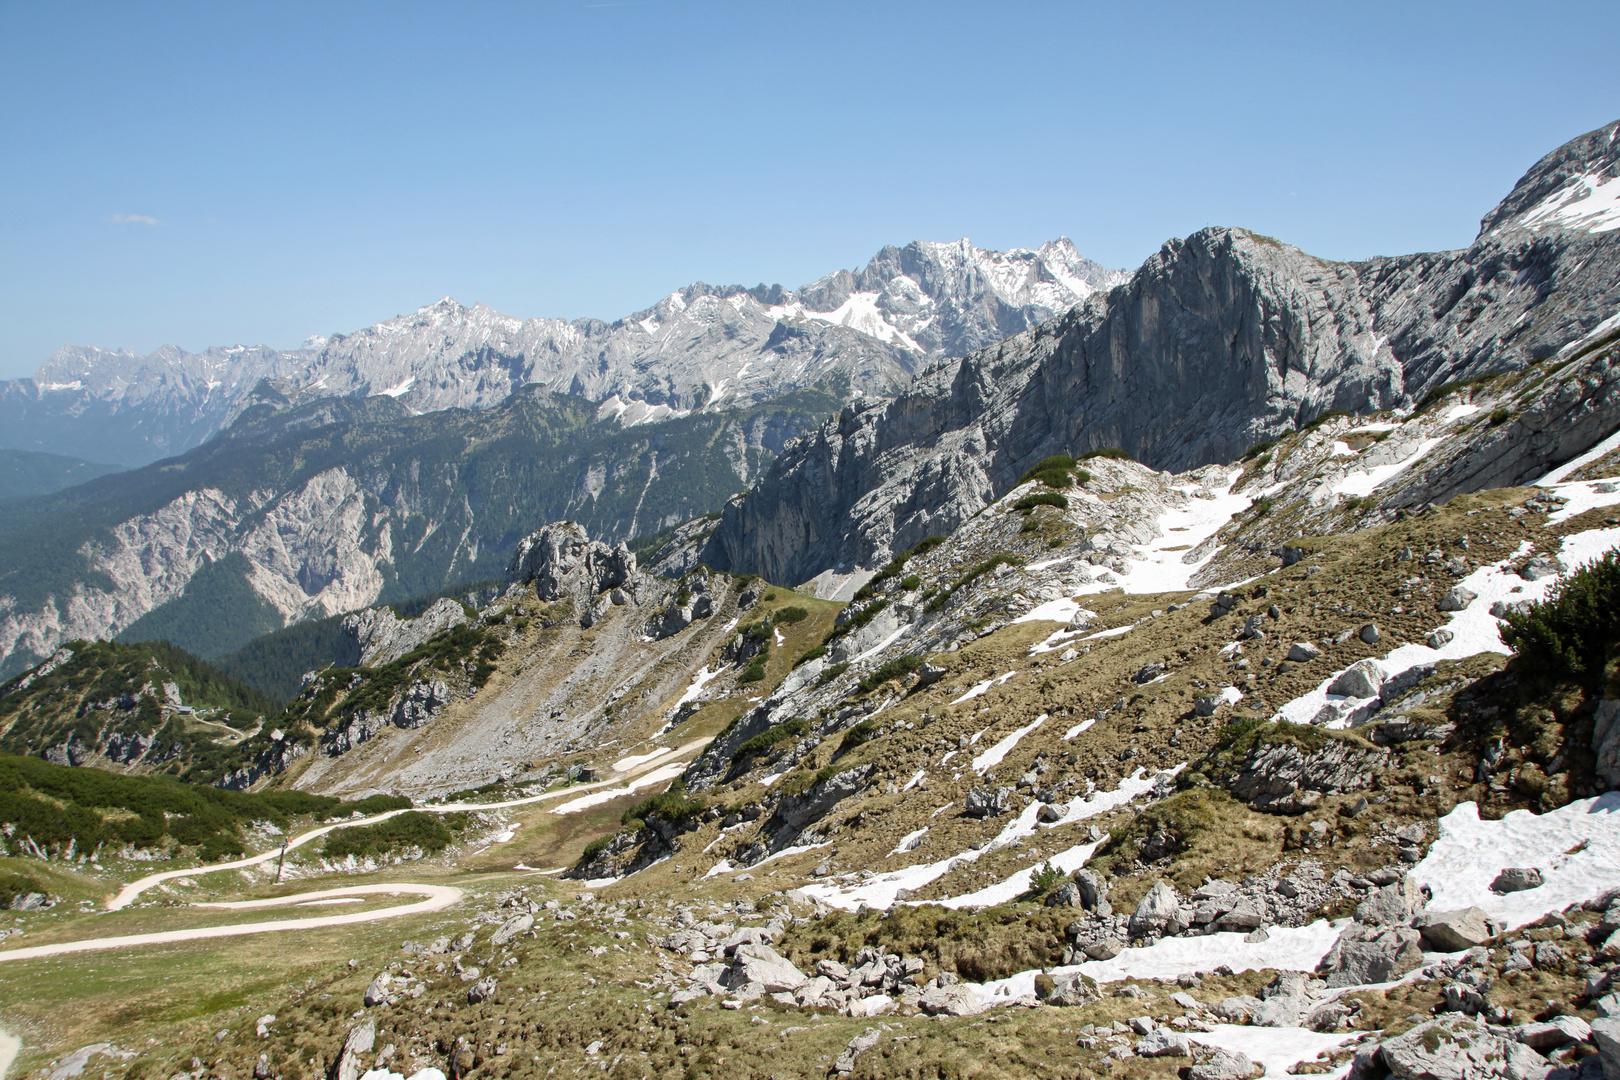 Alpenblick vom Osterfelderkopf